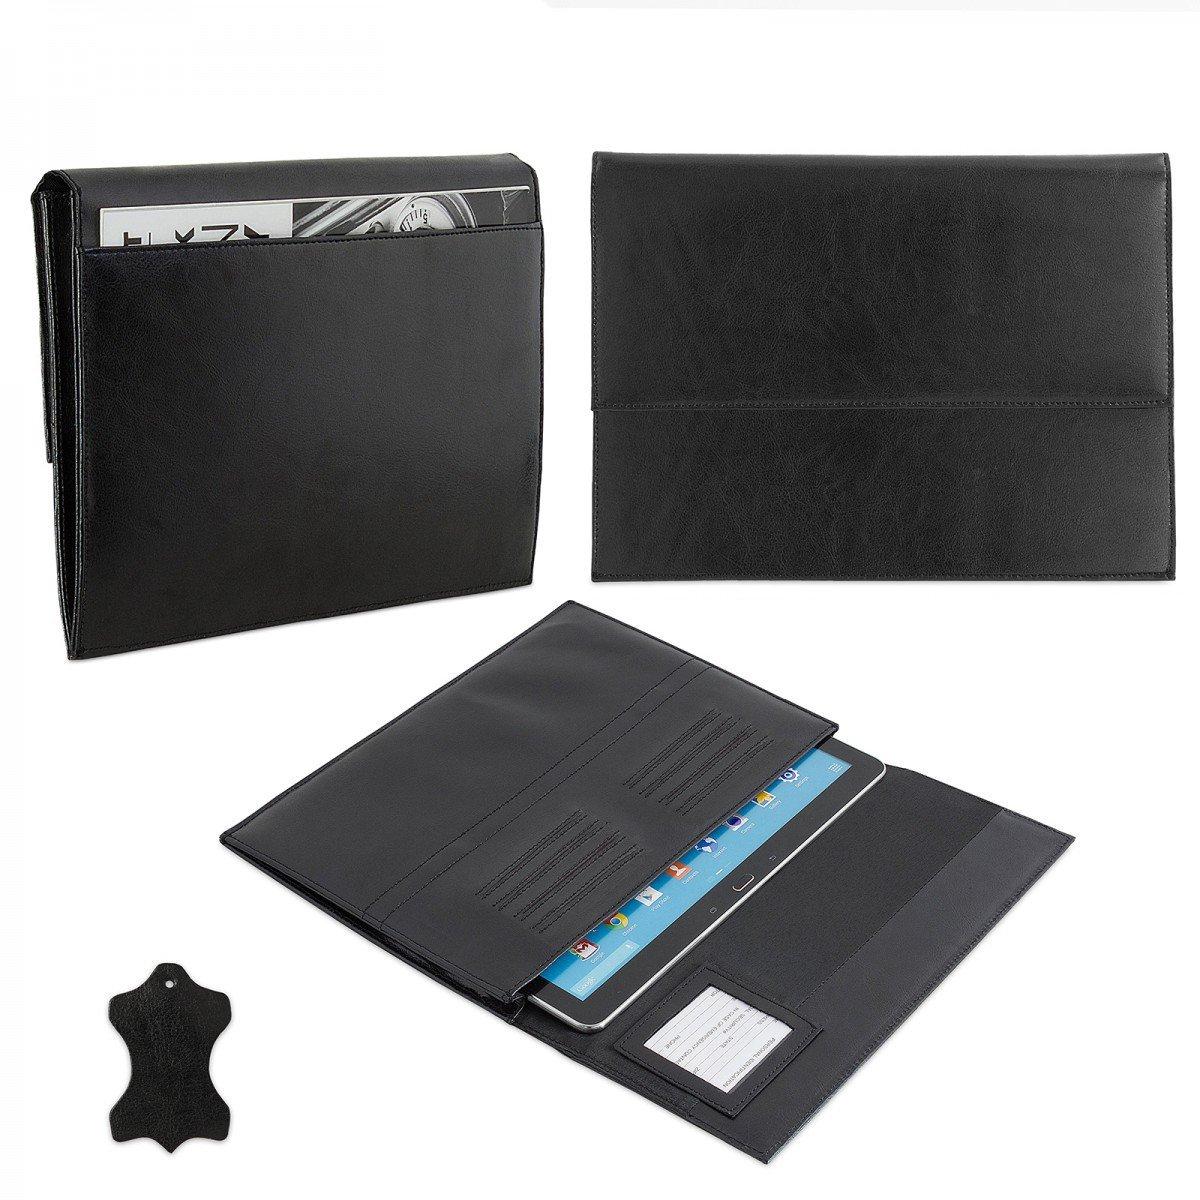 ROYALZ eFabrik – Funda de s2015 Piel para Medion Chromebook s2015 de (11.6 Pulgadas) Funda de Piel Funda Cover Carcasa Funda Sleeve Piel Negro dad8ee